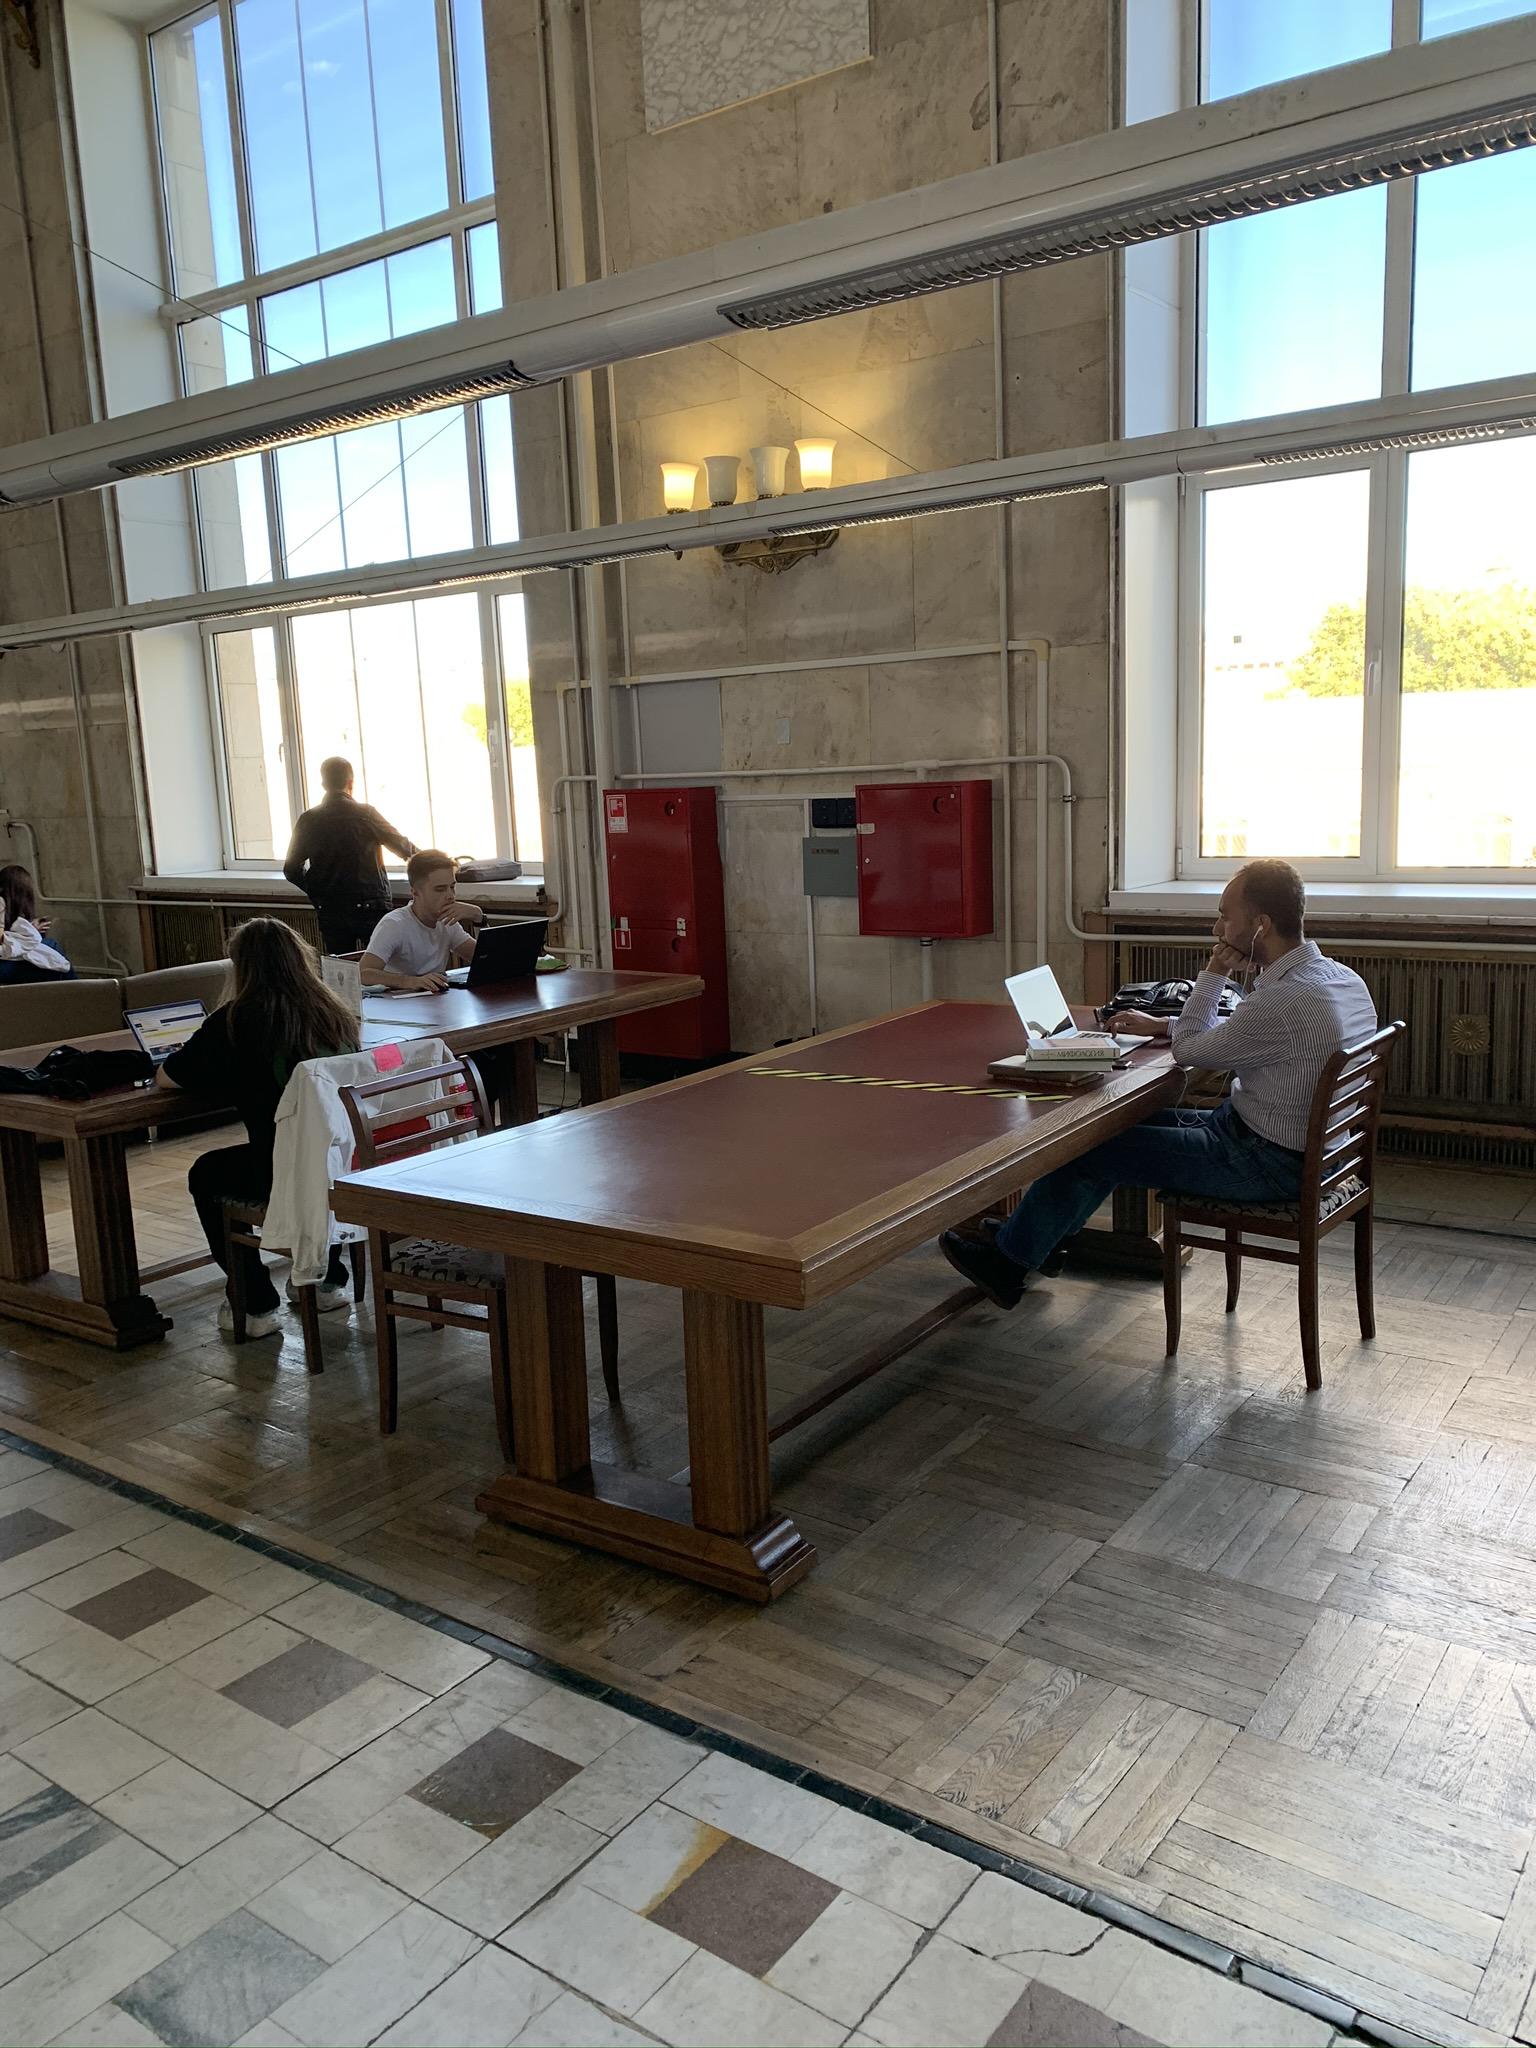 Большой холл со столами. Сюда приходят со своими ноутами. Обычно без книг- просто удобное место посидеть-поработать, например, если дома тесно, или нужен интернет хороший, или ещё что-то.